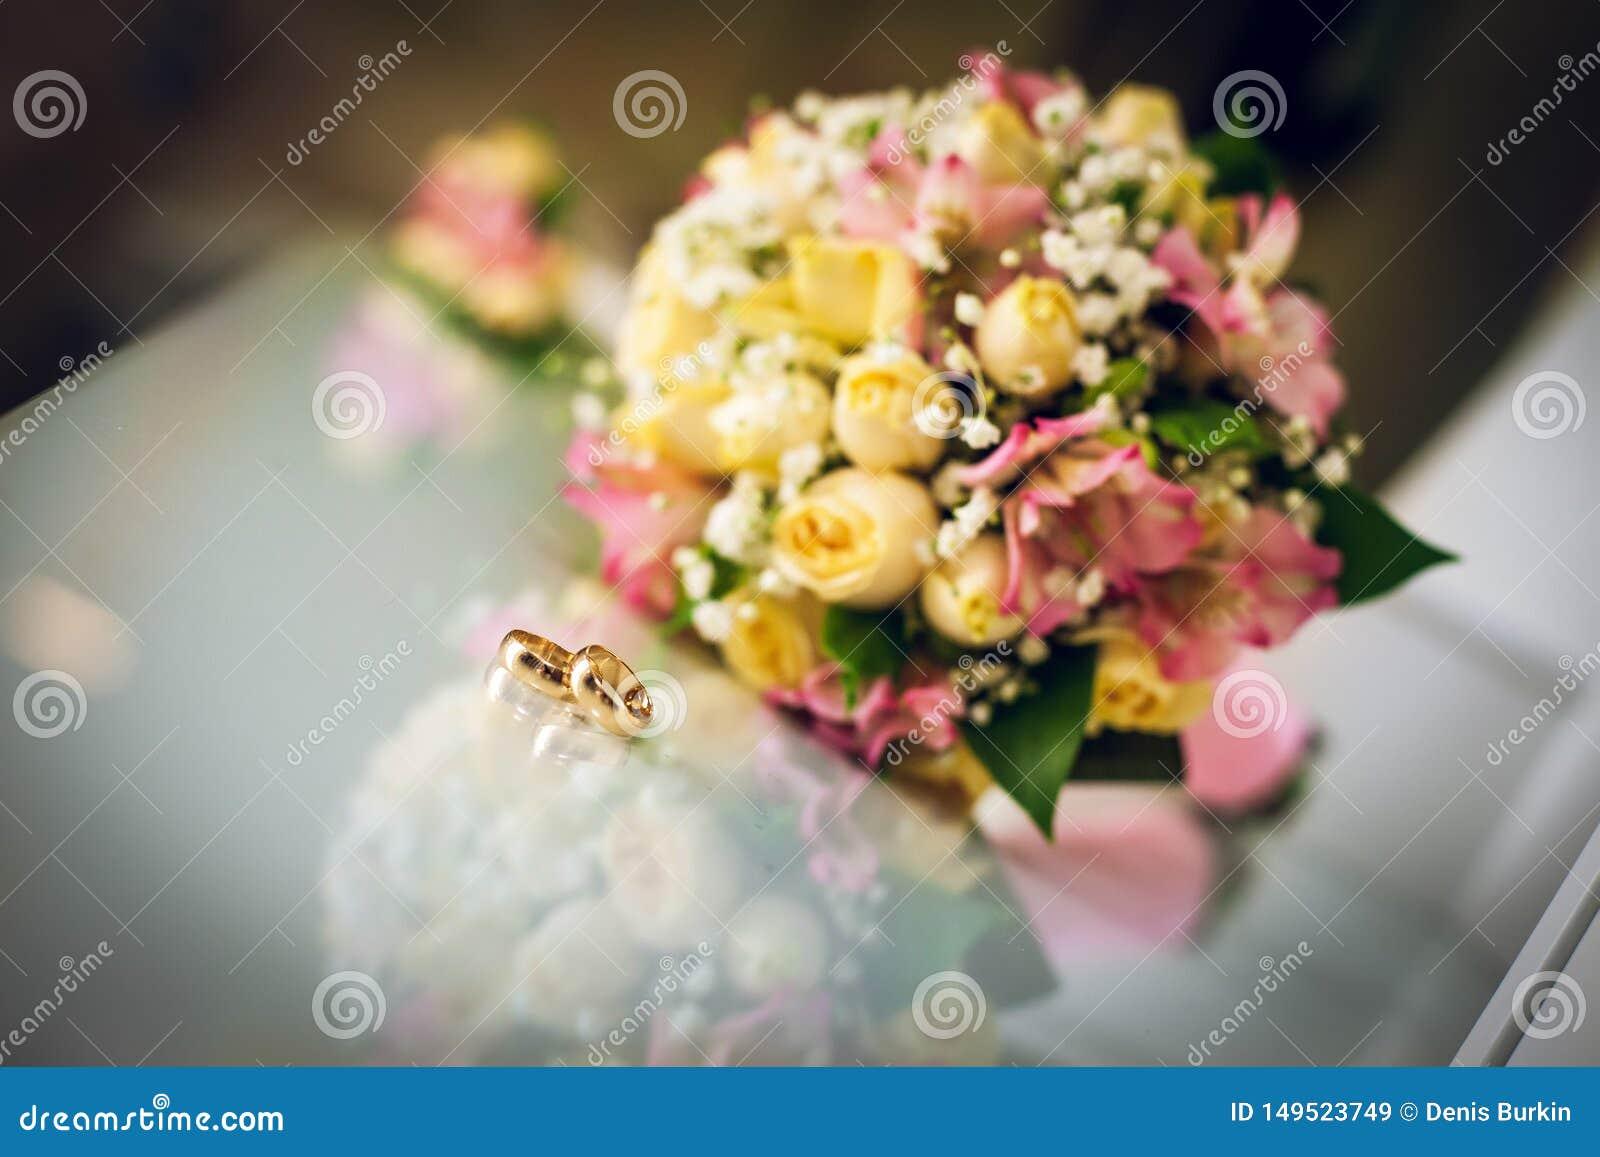 Het boeket en de trouwringen van het huwelijk de attributen van de bruidegom Onlangs echtpaar de voorbereidingen van de bruidegom